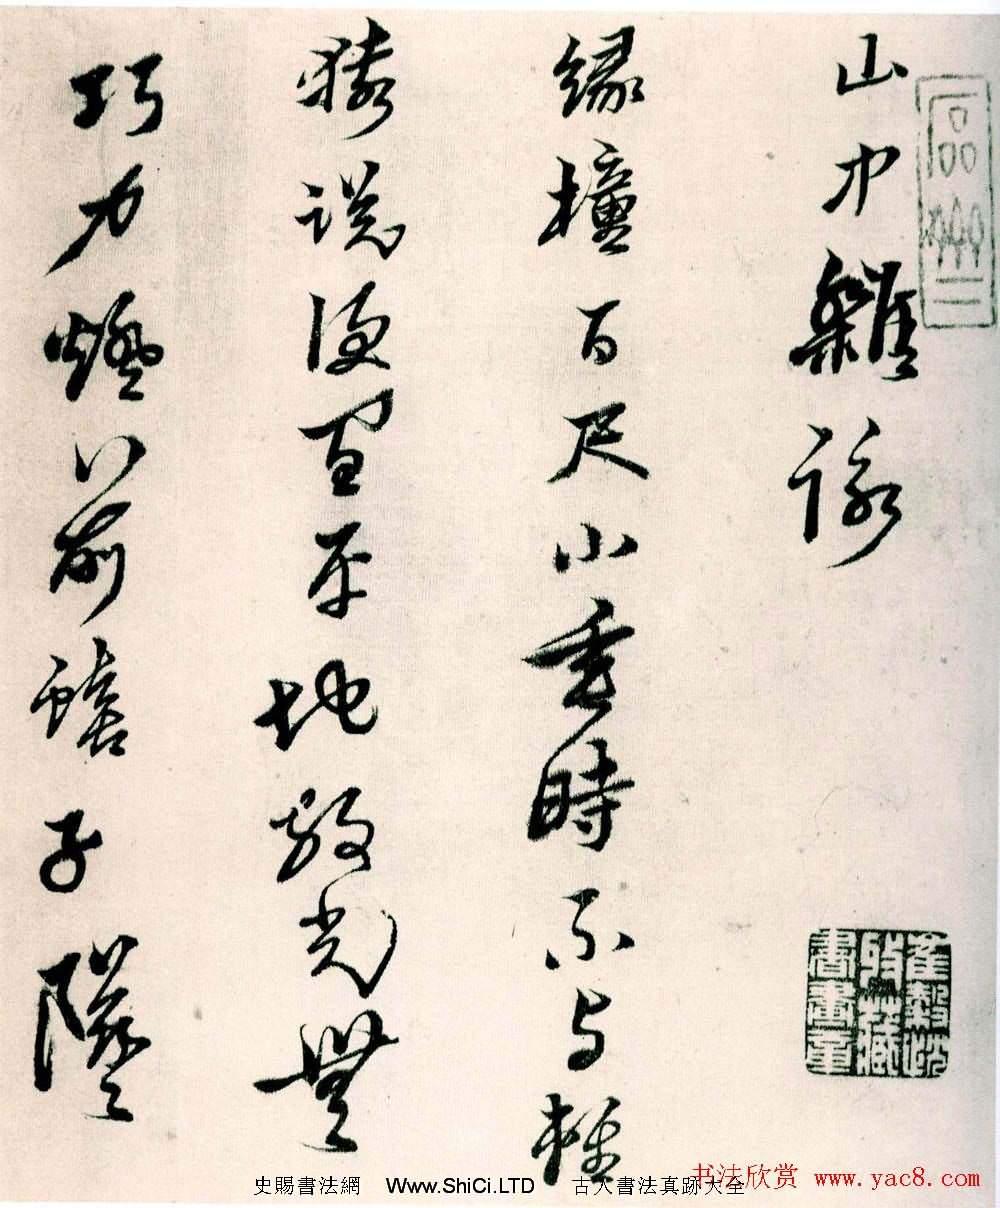 黃道周行草書真跡欣賞《山中雜詠》(共15張圖片)